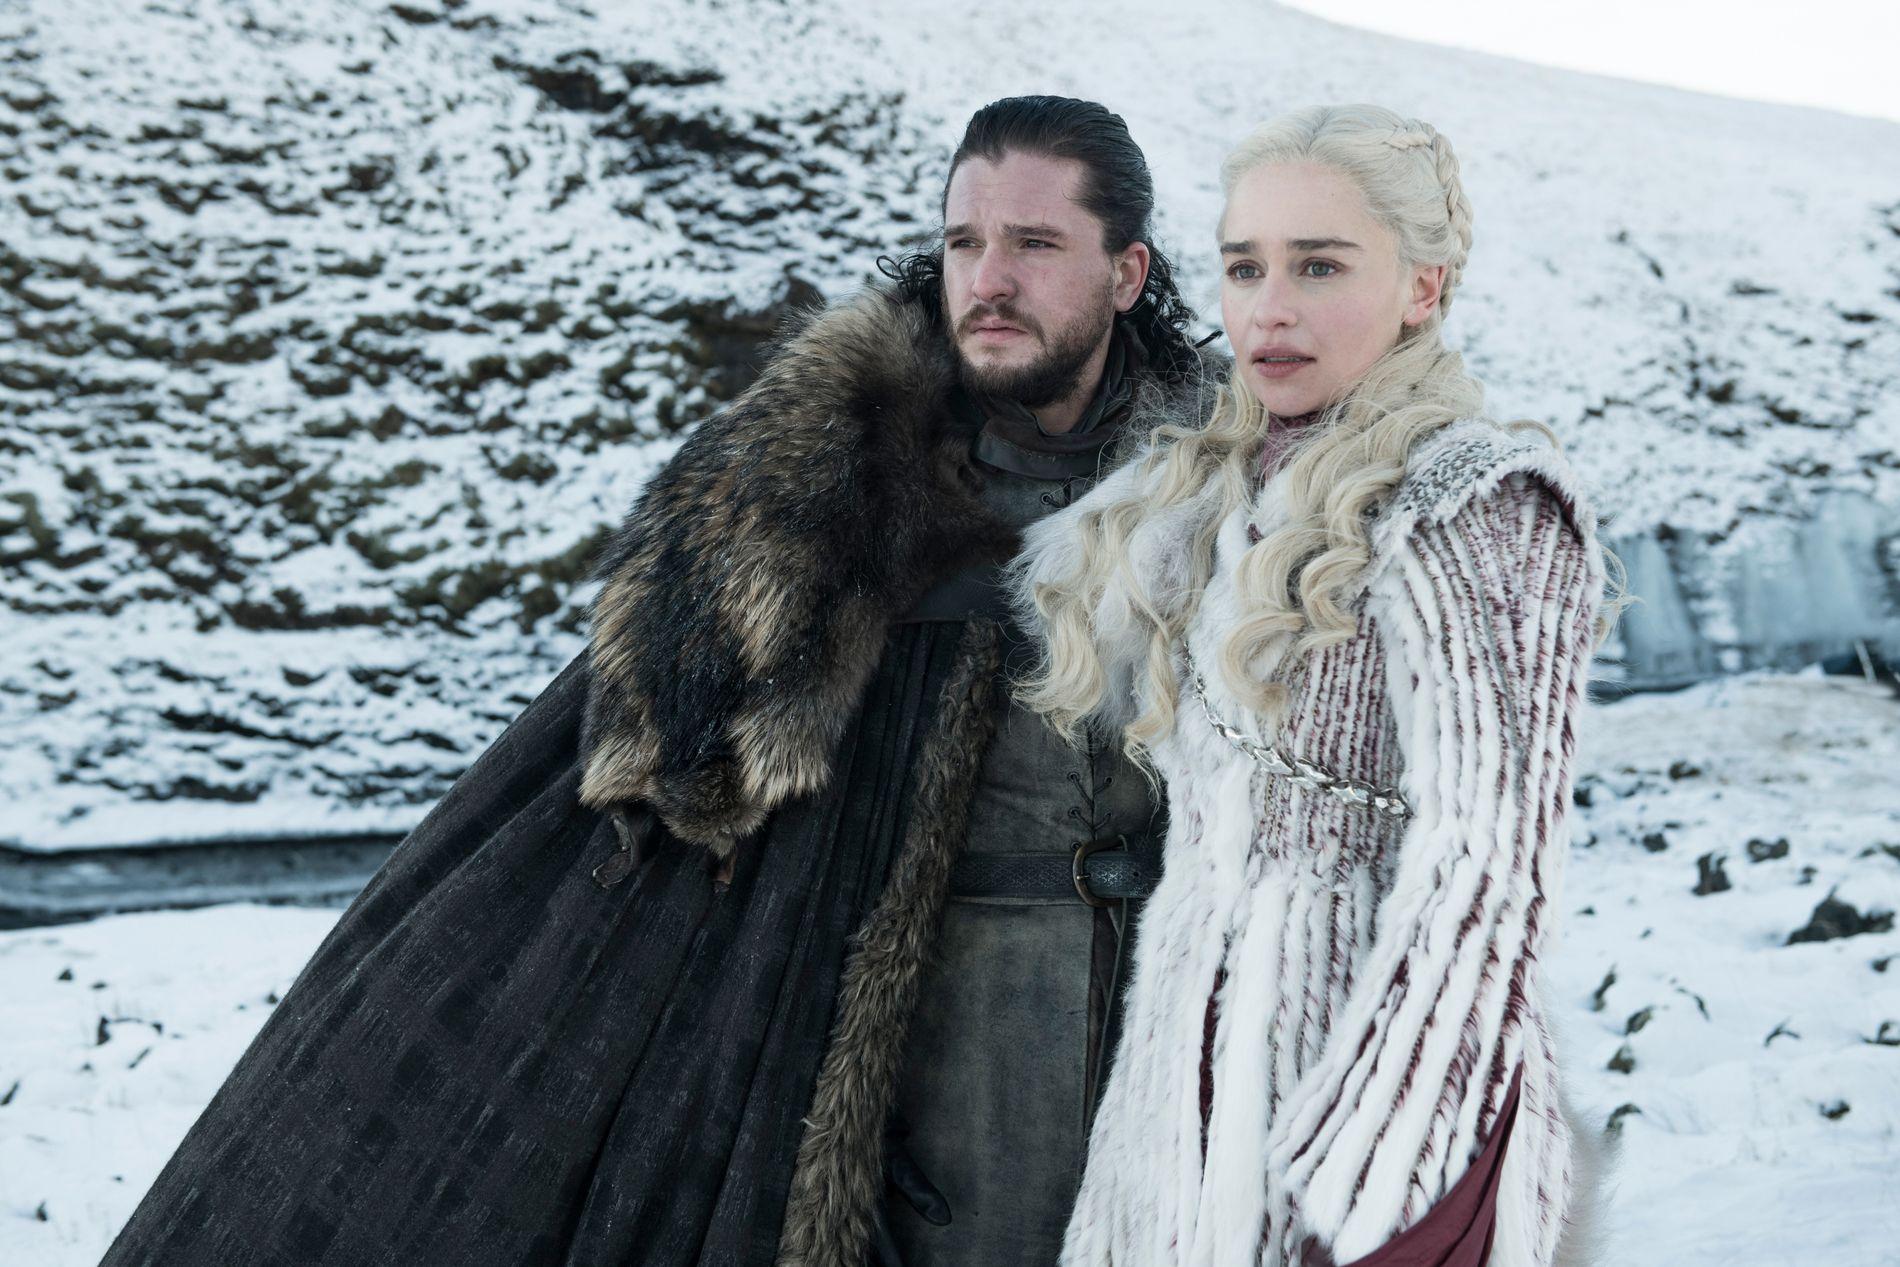 FORENER KREFTER: Kit Harington som Jon Snow og Emilia Clarke som Daenerys Targaryen i sesong 8 av Game of Thrones.